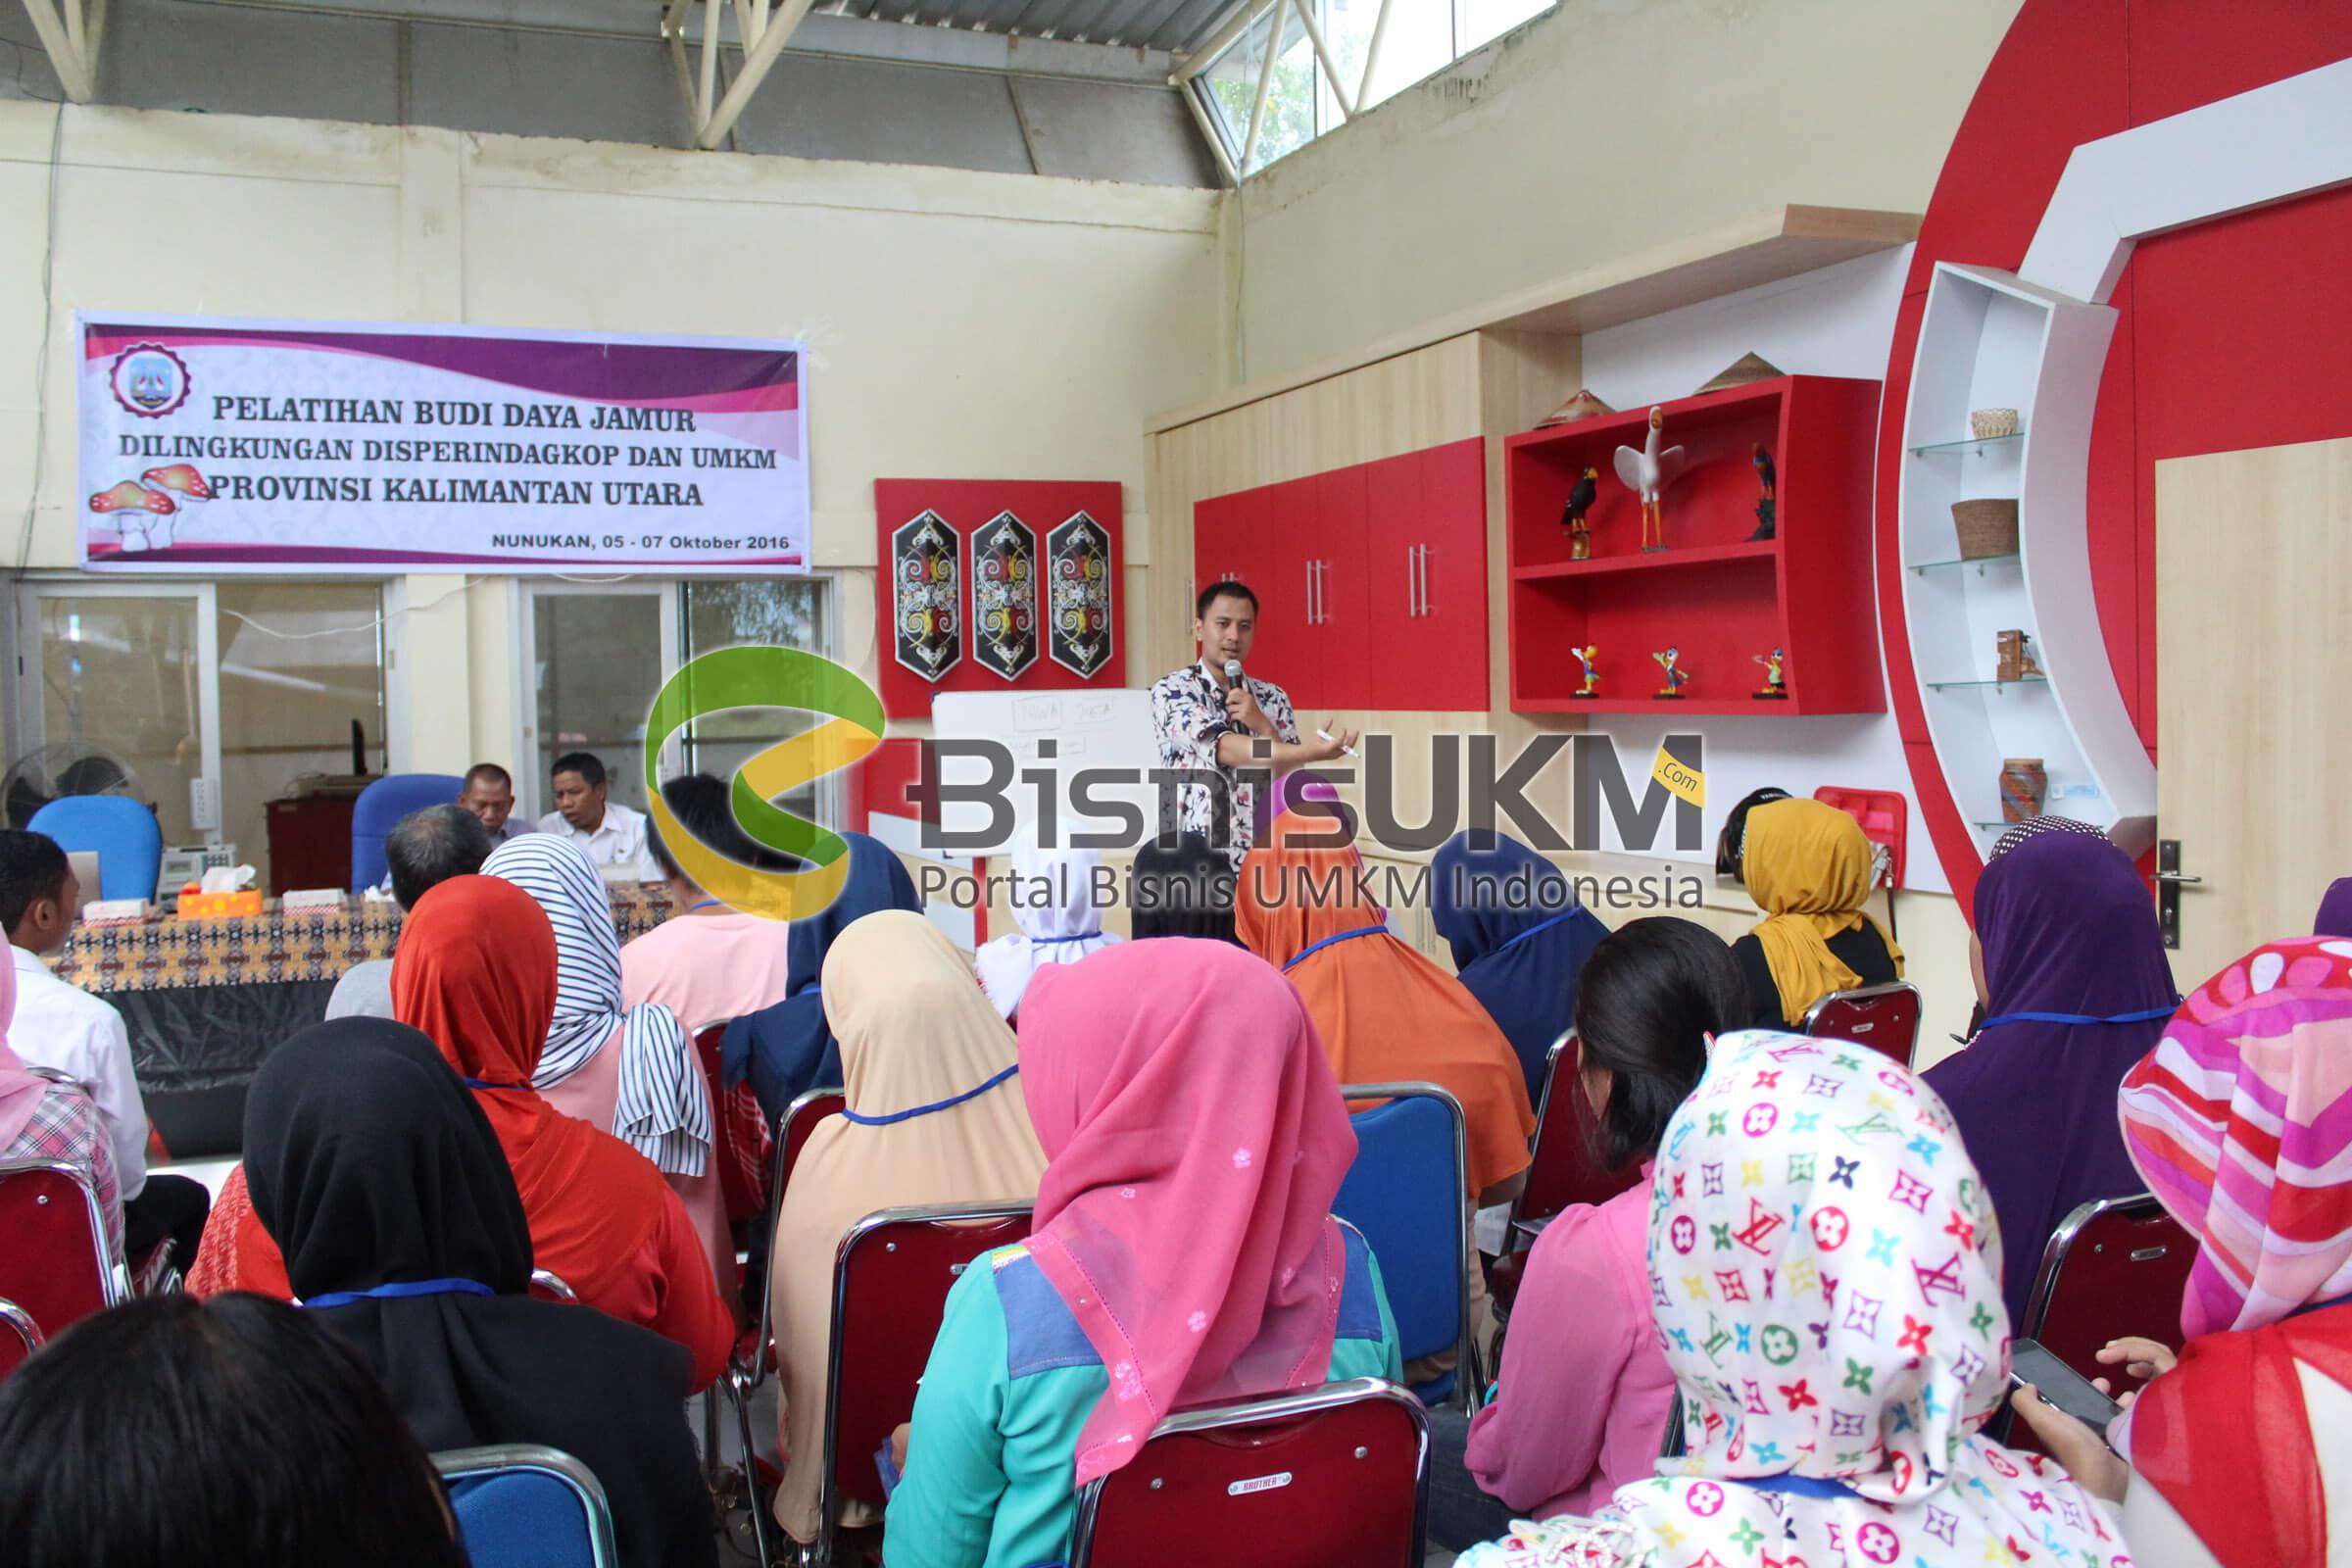 Pelatihan Budidaya Jamur di Lingkungan Disperindagkop dan UMKM Provinsi Kalimantan Utara